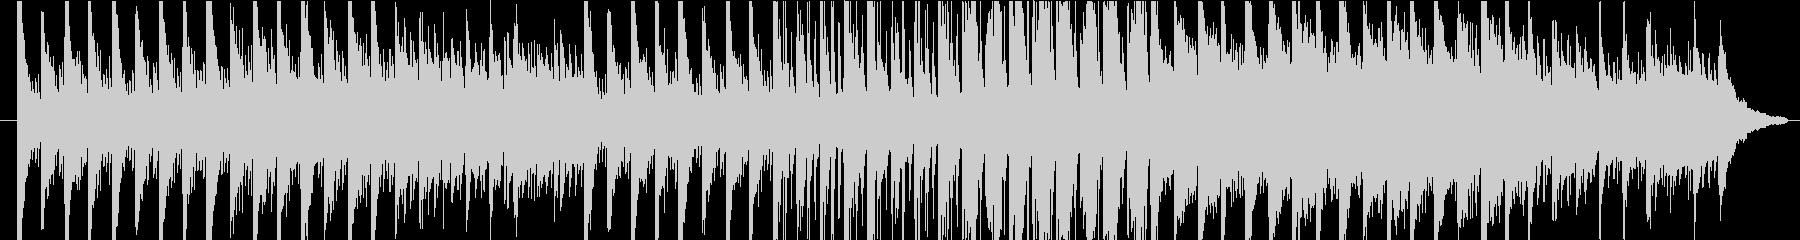 力強い音色が綺麗なメロディーの未再生の波形